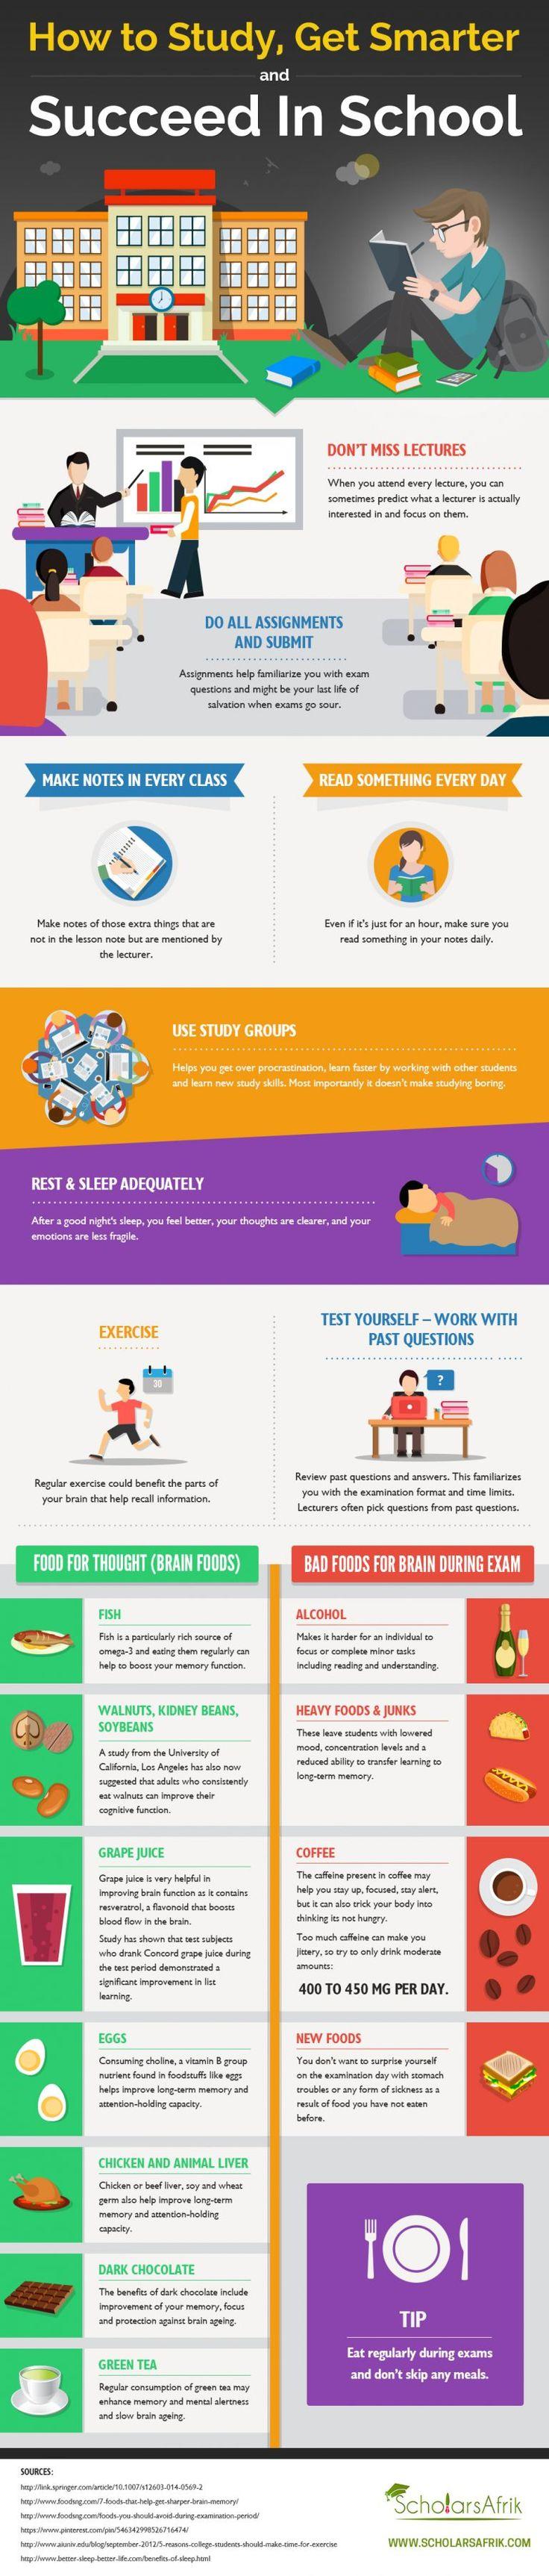 How To Study, Get Smarter & Succeed In School